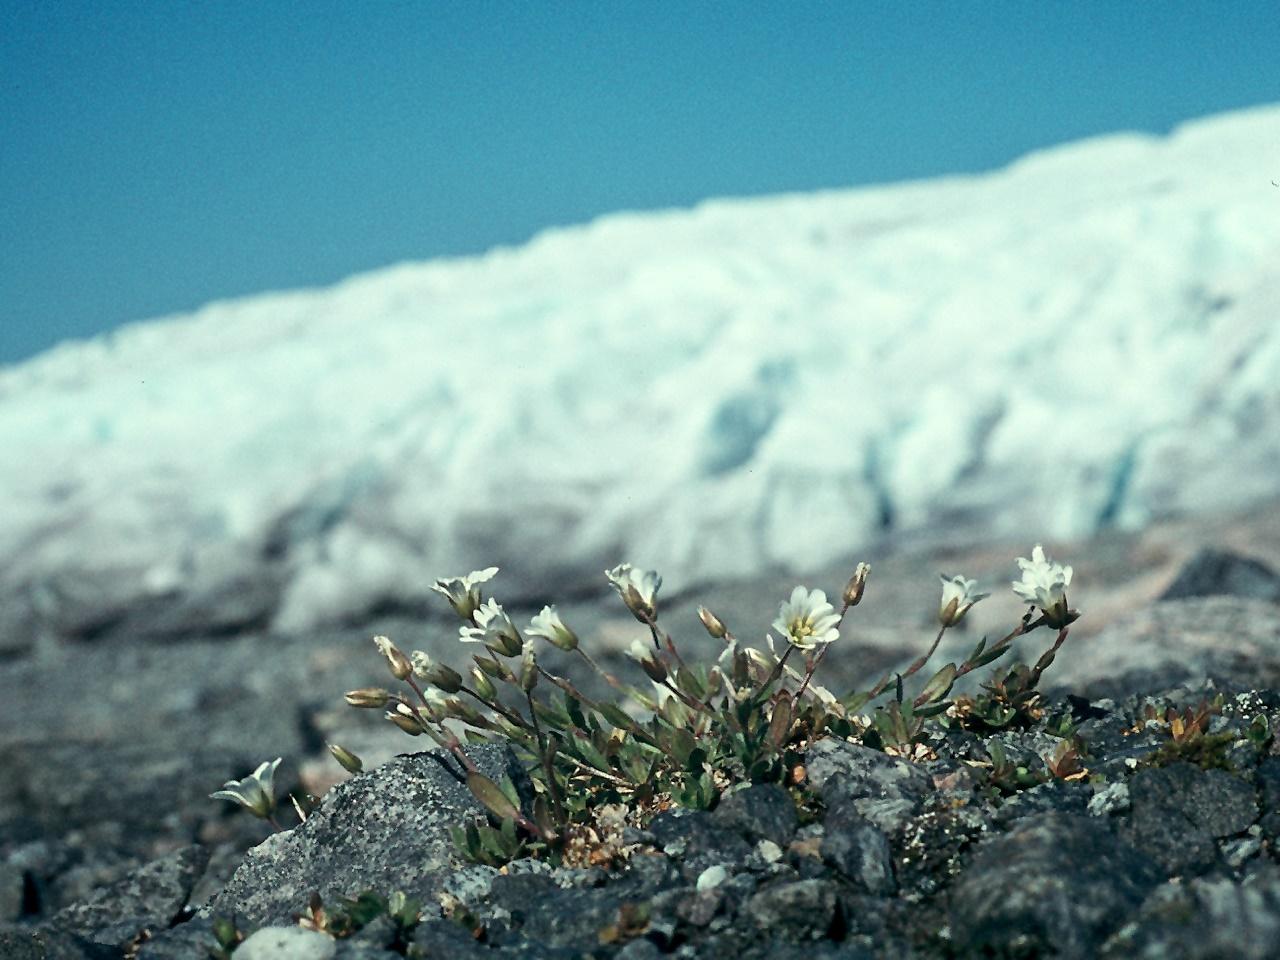 Cerastium alpinum ssp. glabratum